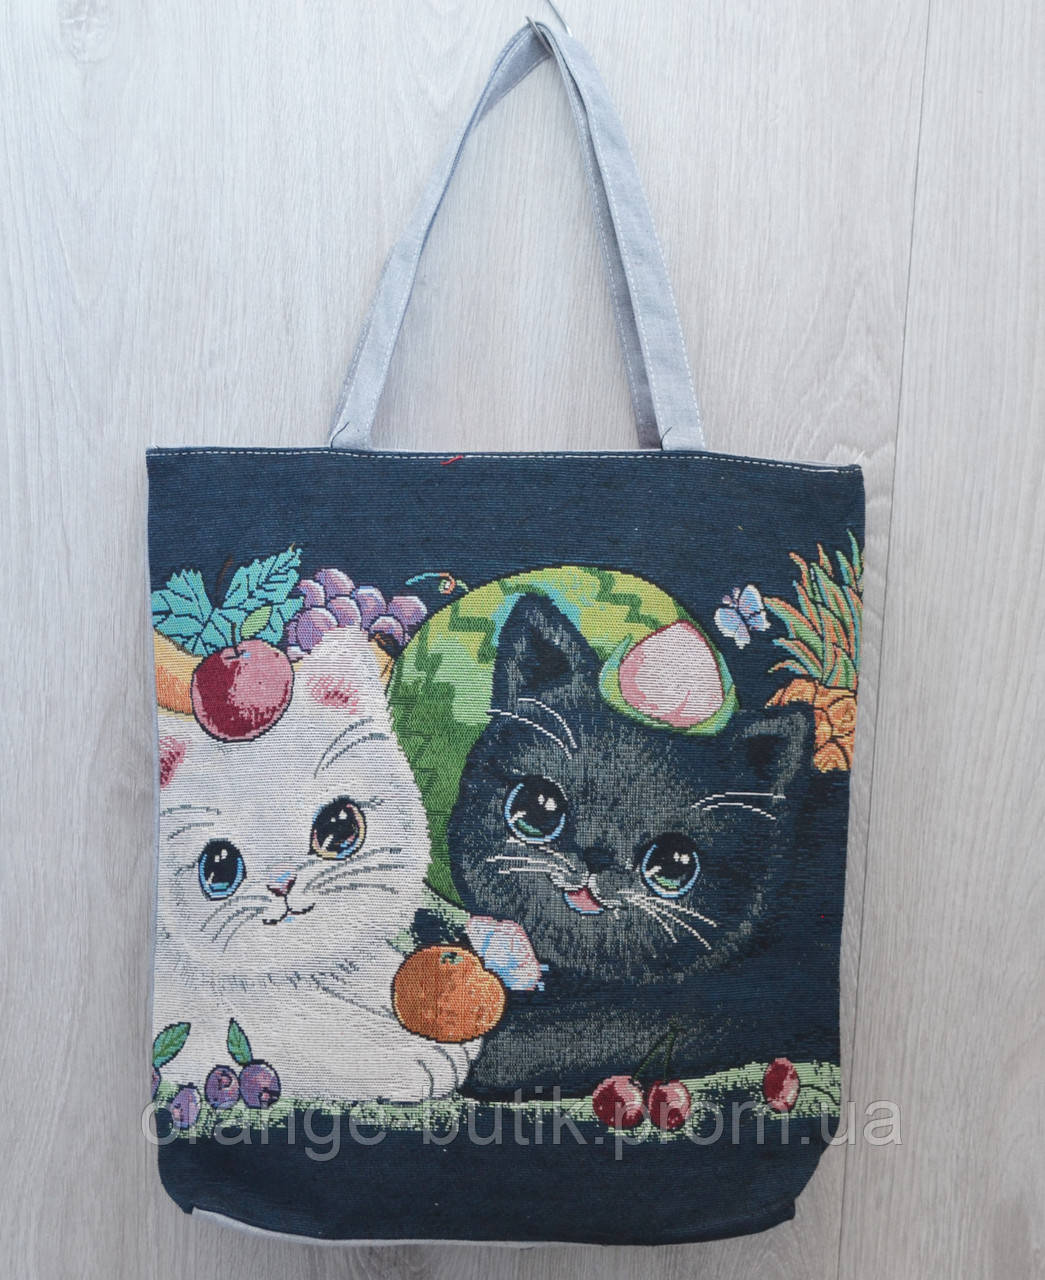 ad2bf14c5860 Пляжная, городская сумка с накаткой котята - Интернет-магазин